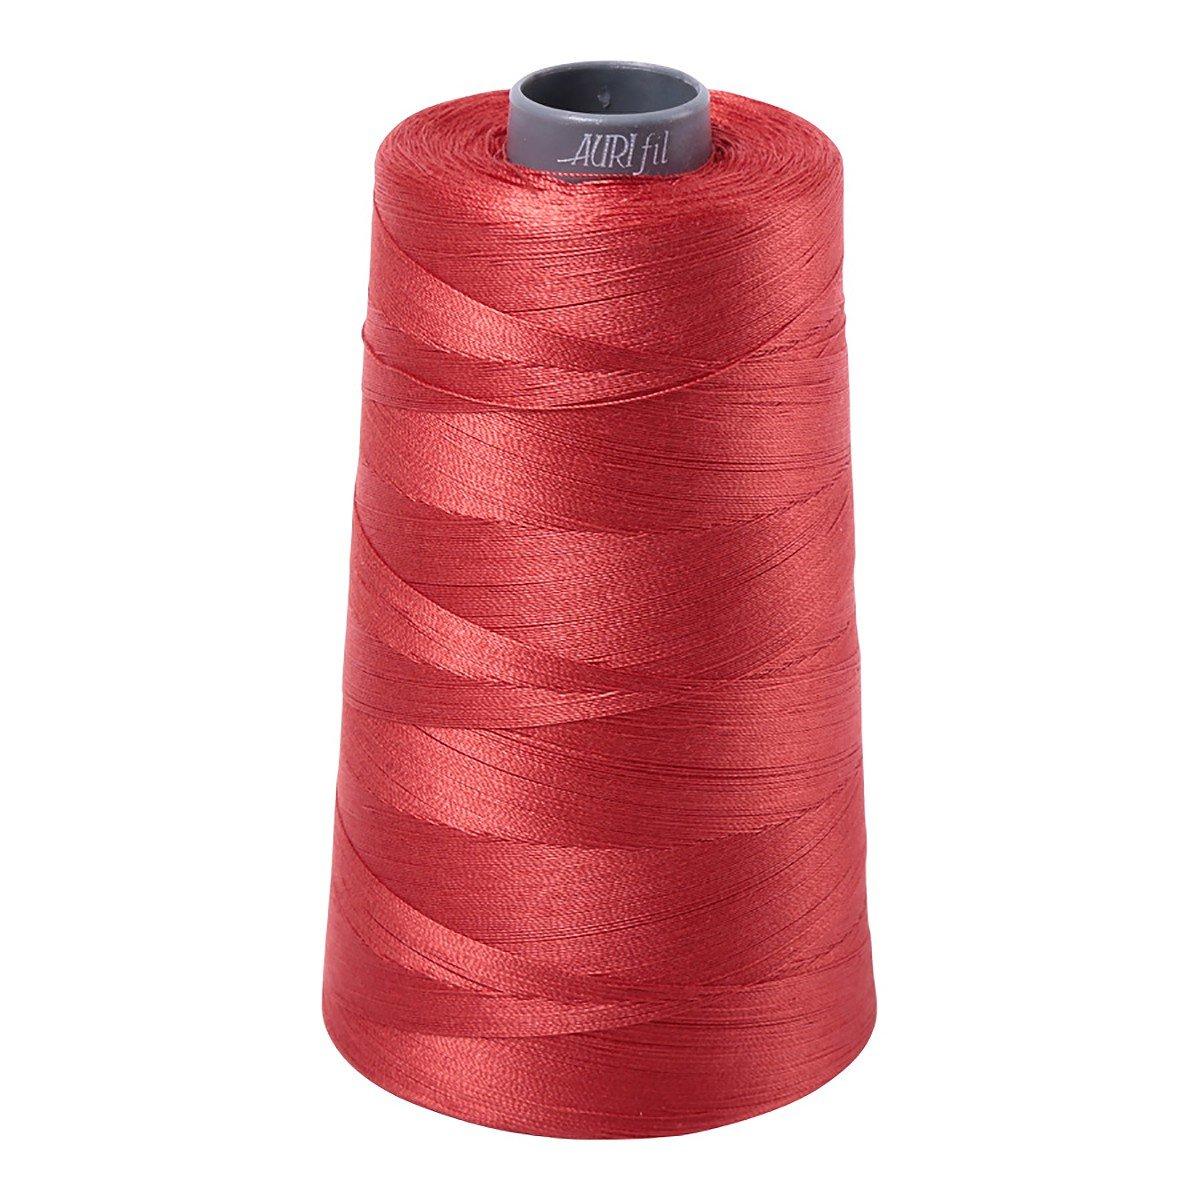 Mako (Cotton) Embroidery Thread 28wt 3609yds Dark Red Orange